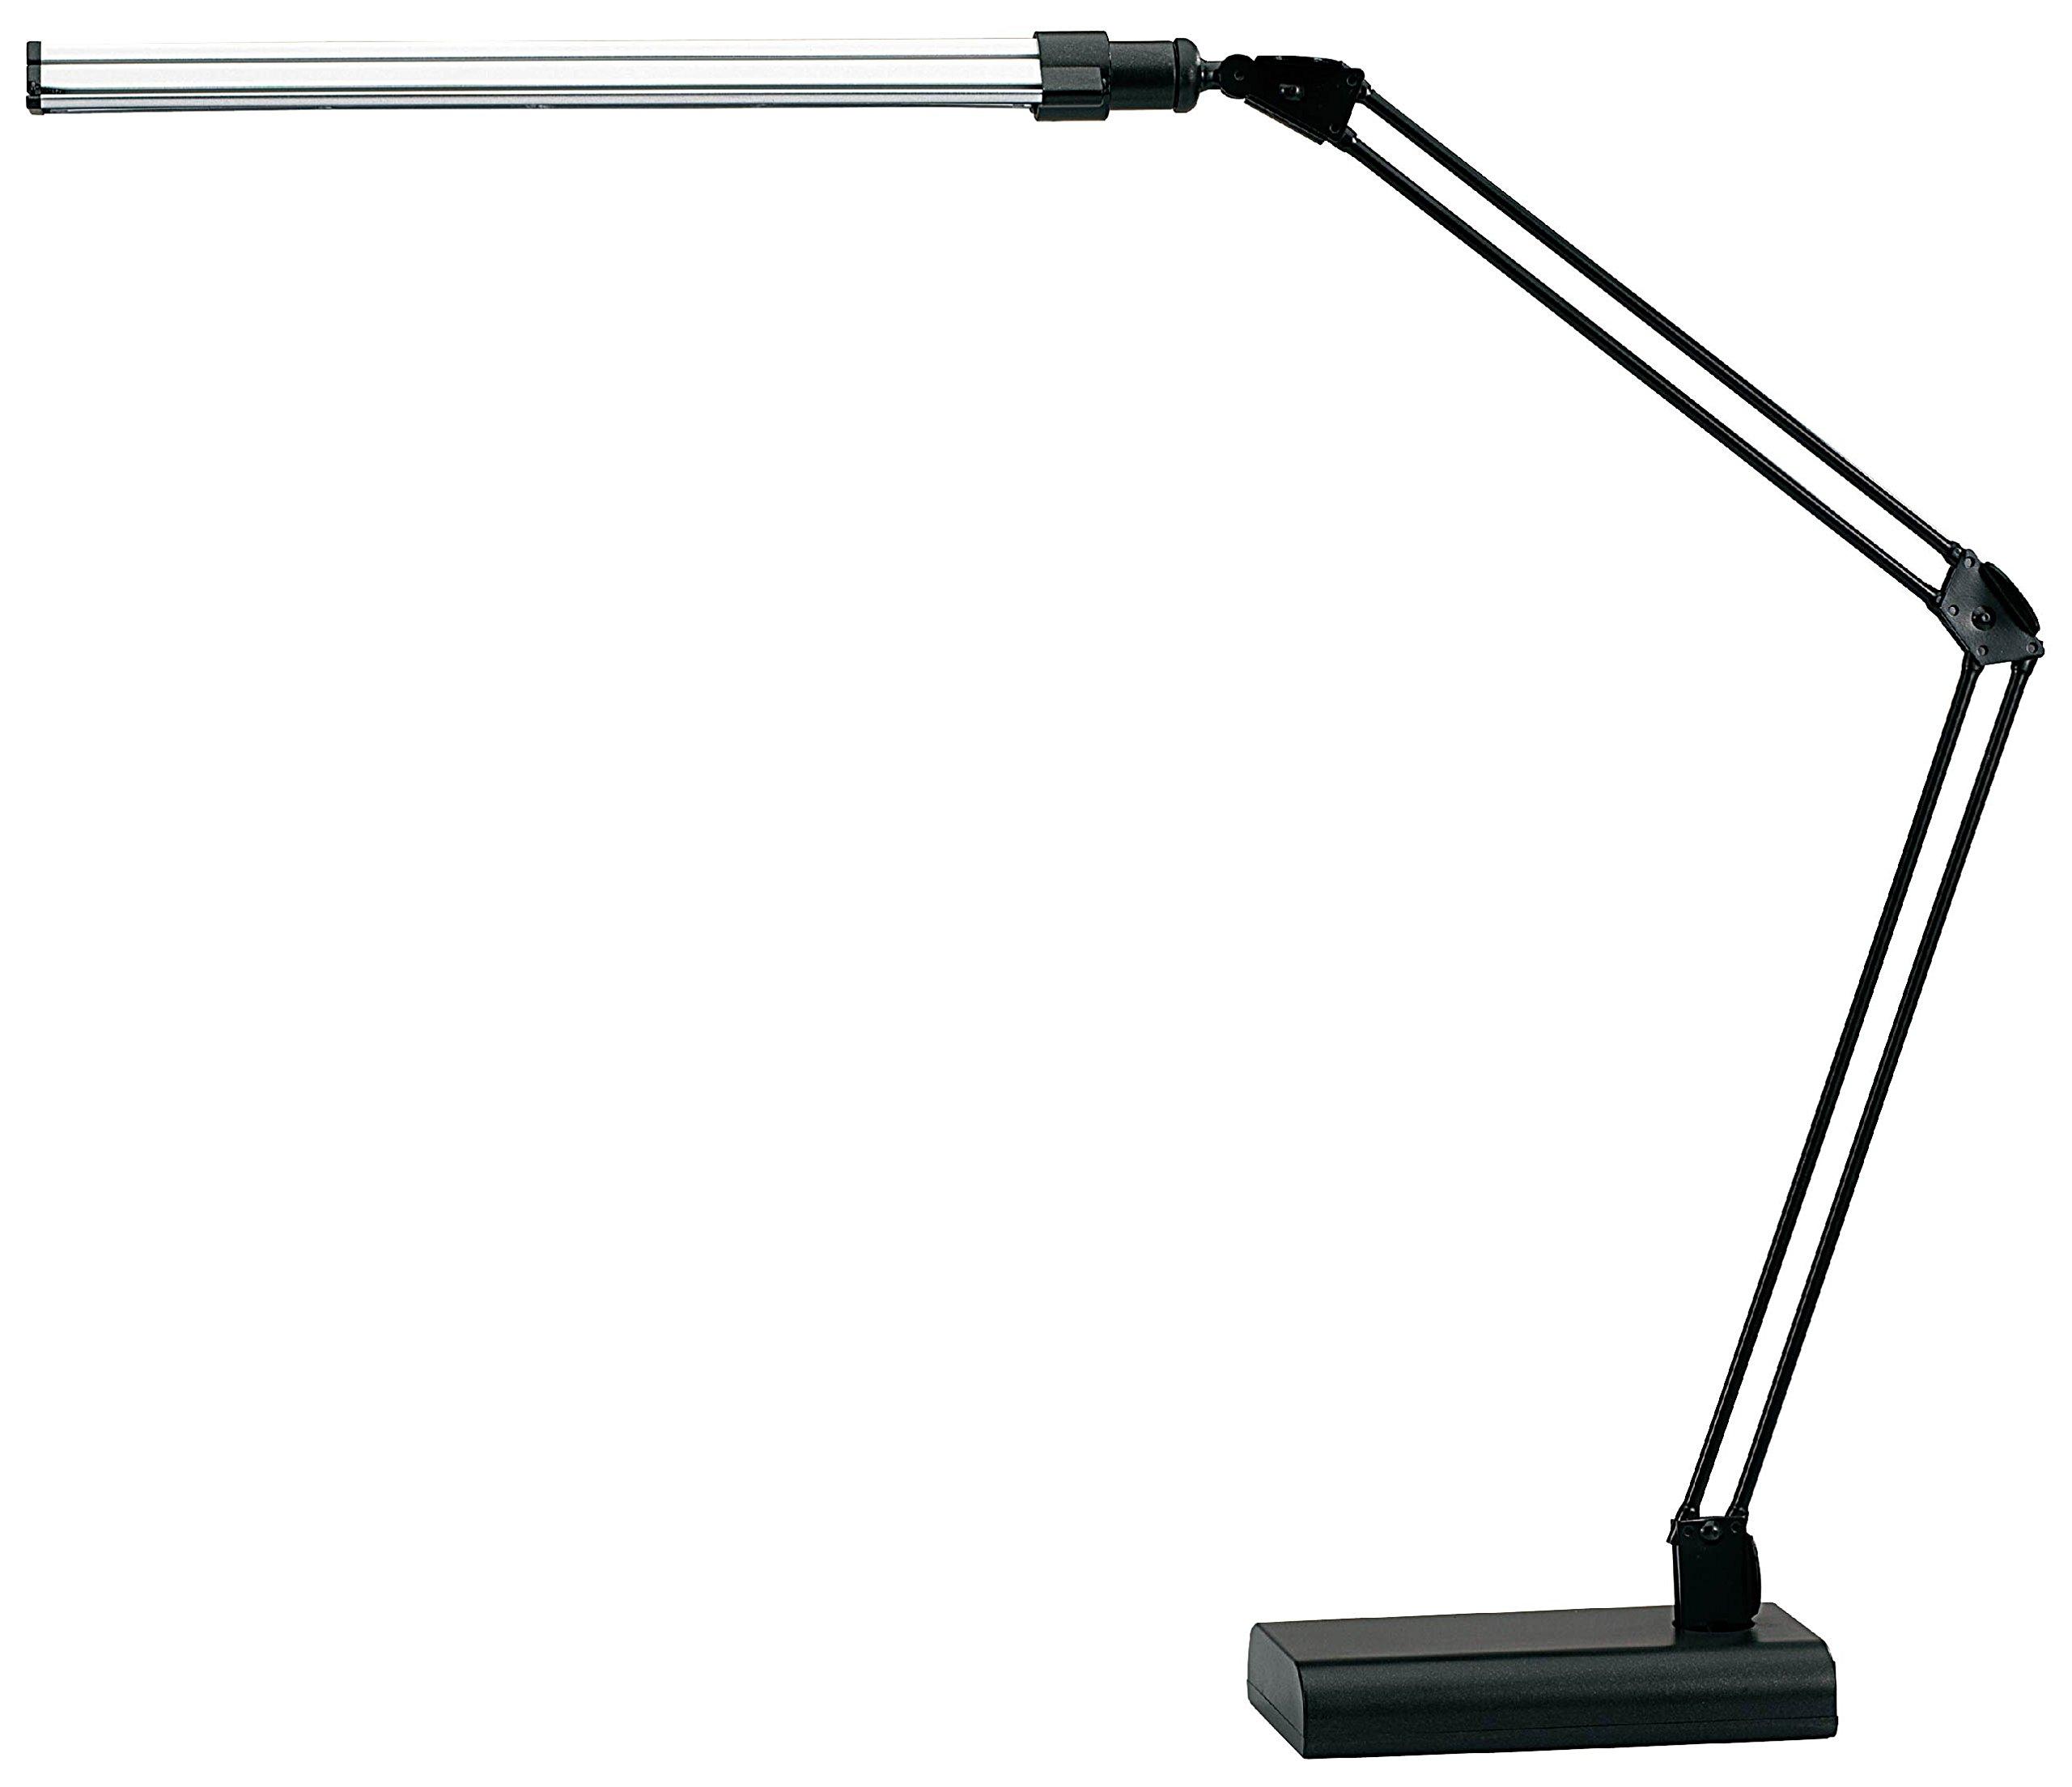 V-LIGHT LED Energy-Efficient Ultra-Slim Desk Lamp with Adjustable Arms (VSL188NC)